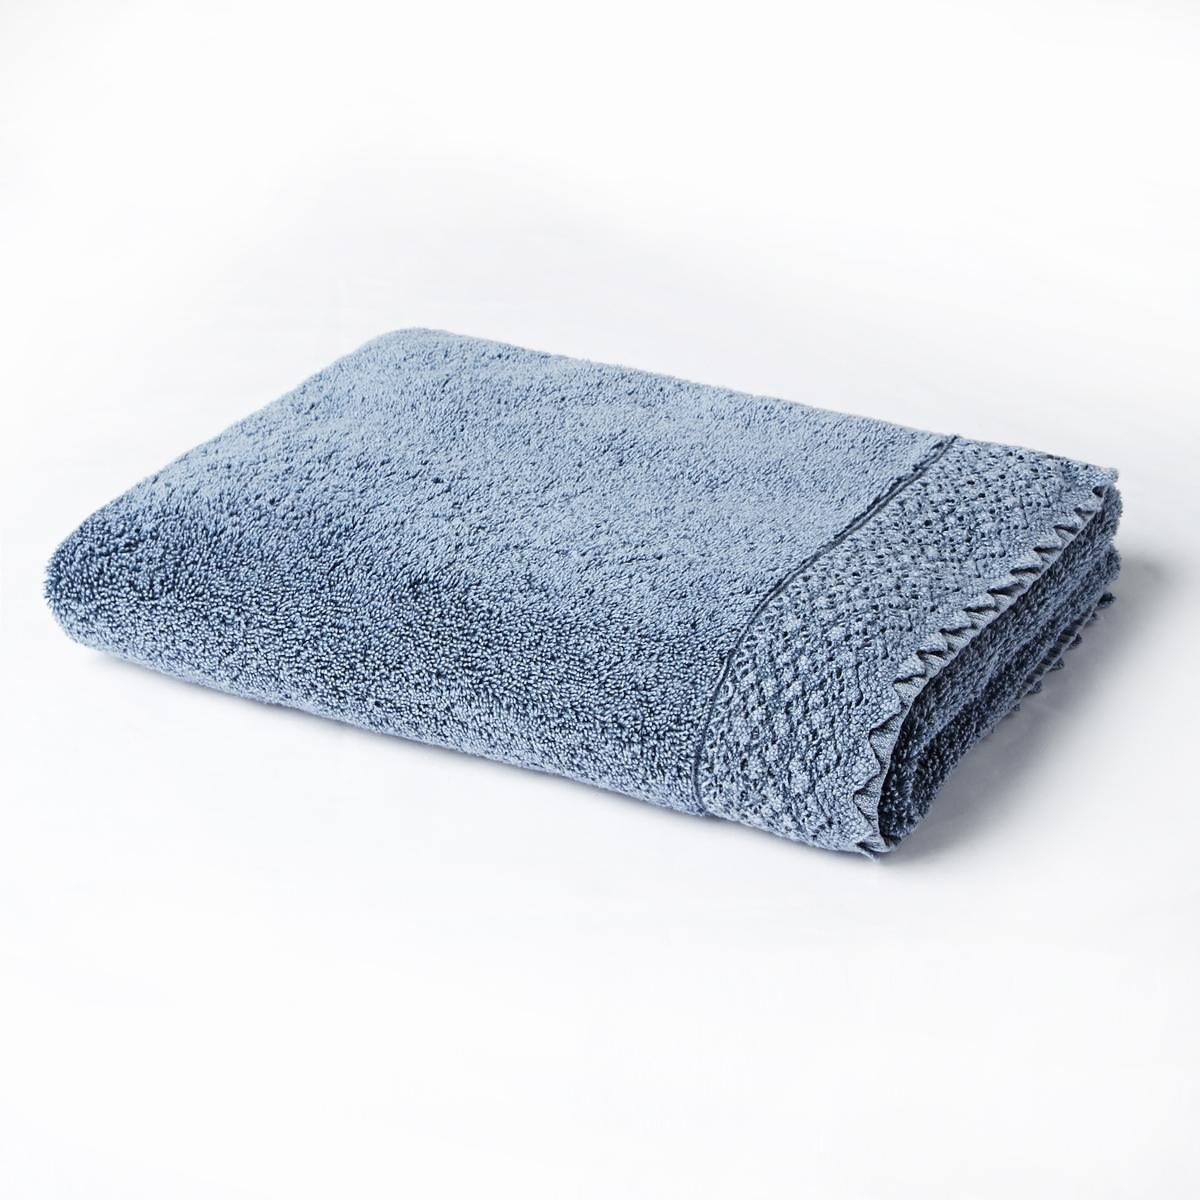 Полотенце махровое ANJO, 100% хлопокМахровое полотенце, 100% хлопок. Края с отделкой макраме.Состав и описание.КАЧЕСТВО BEST.Материал: 100% сверхмягкий хлопок, цвет: серо-синий потертый с переходом между оттенками.Рисунок:отделка макраме.Размеры50 x 100 смУходМашинная стирка при 60°C.<br><br>Цвет: синий потертый<br>Размер: 50 x 100 см